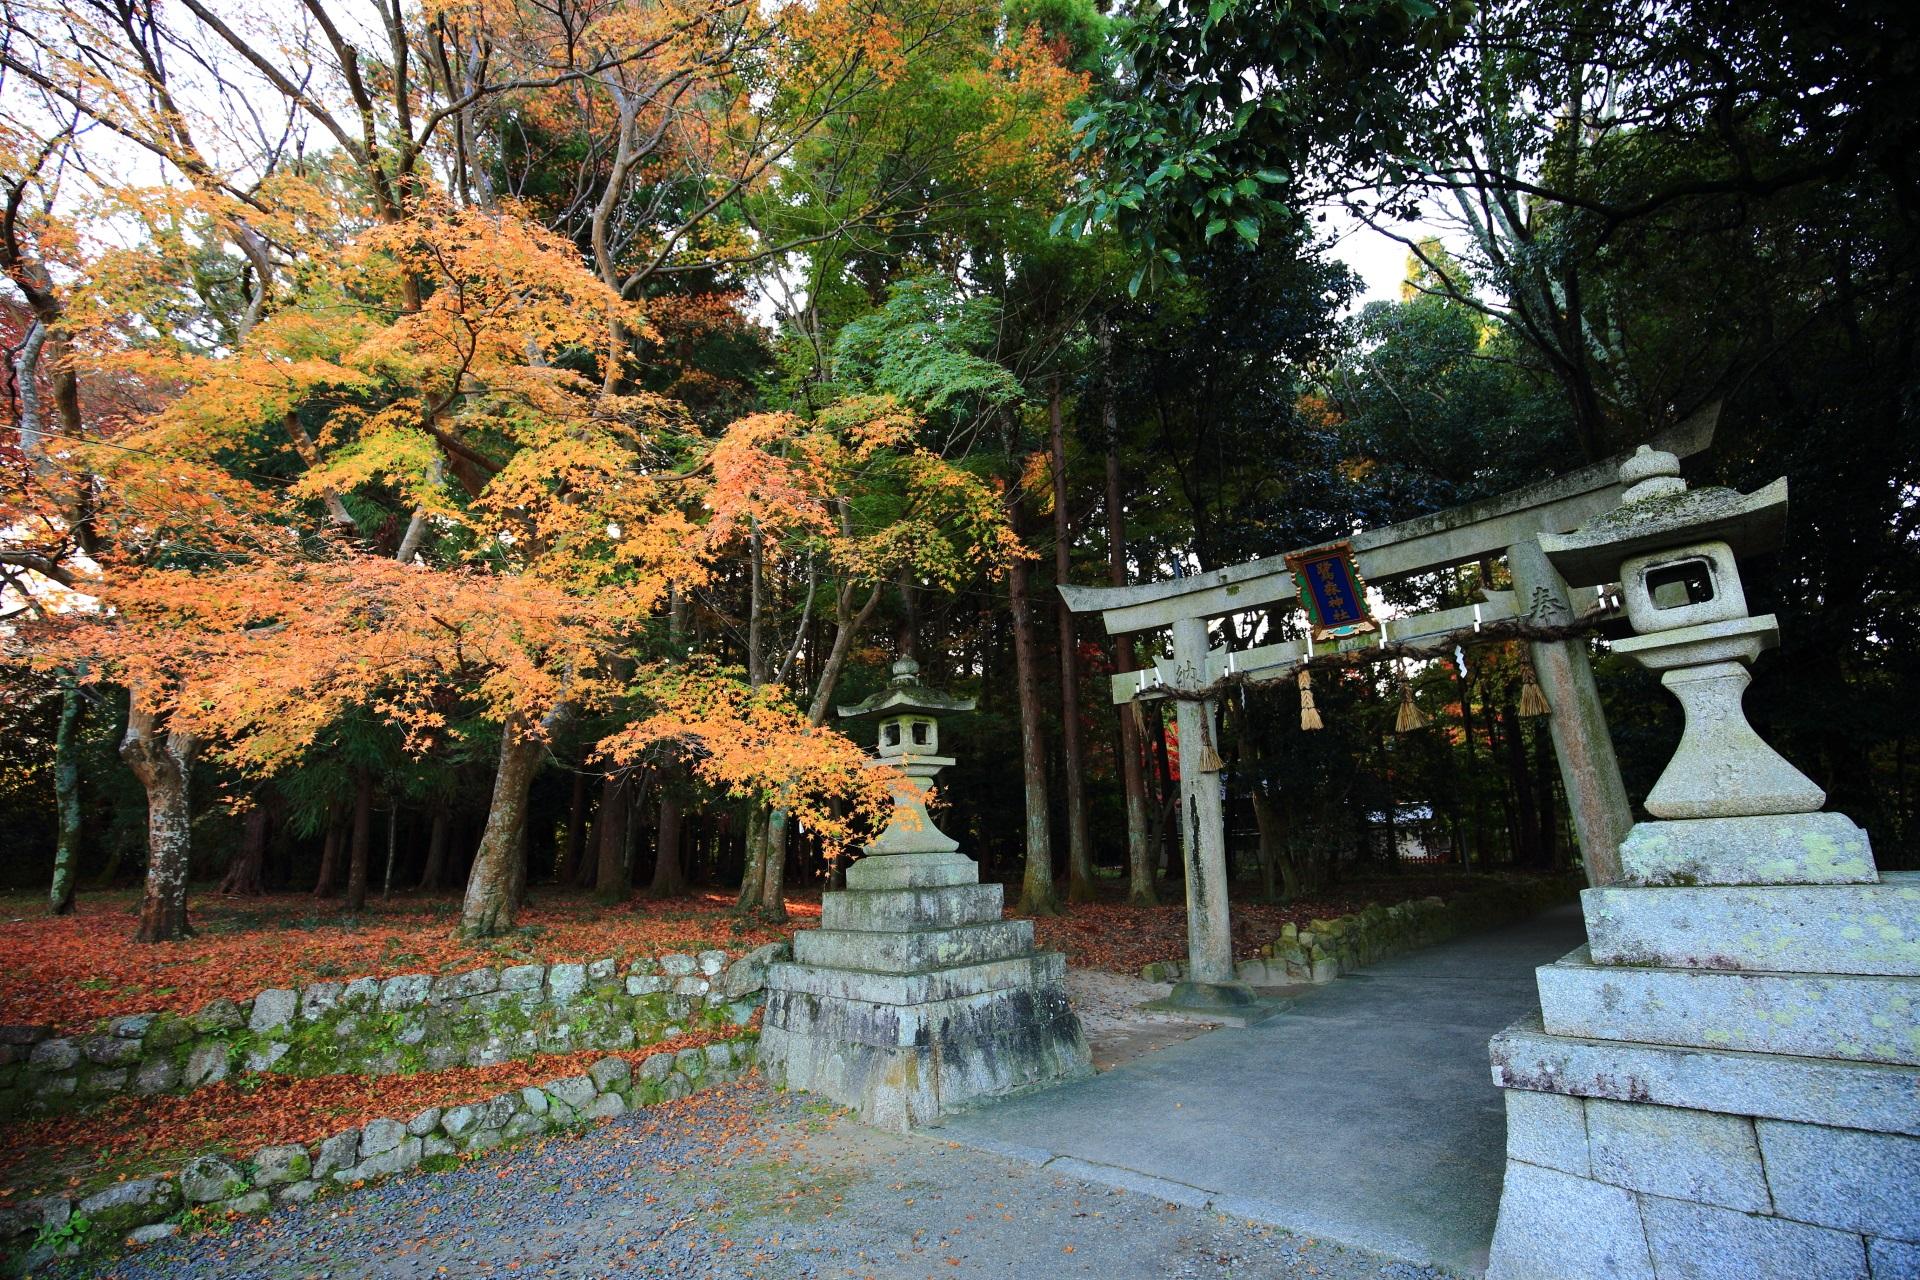 鷺森神社の境内北側の入口の鳥居と淡い秋色の紅葉